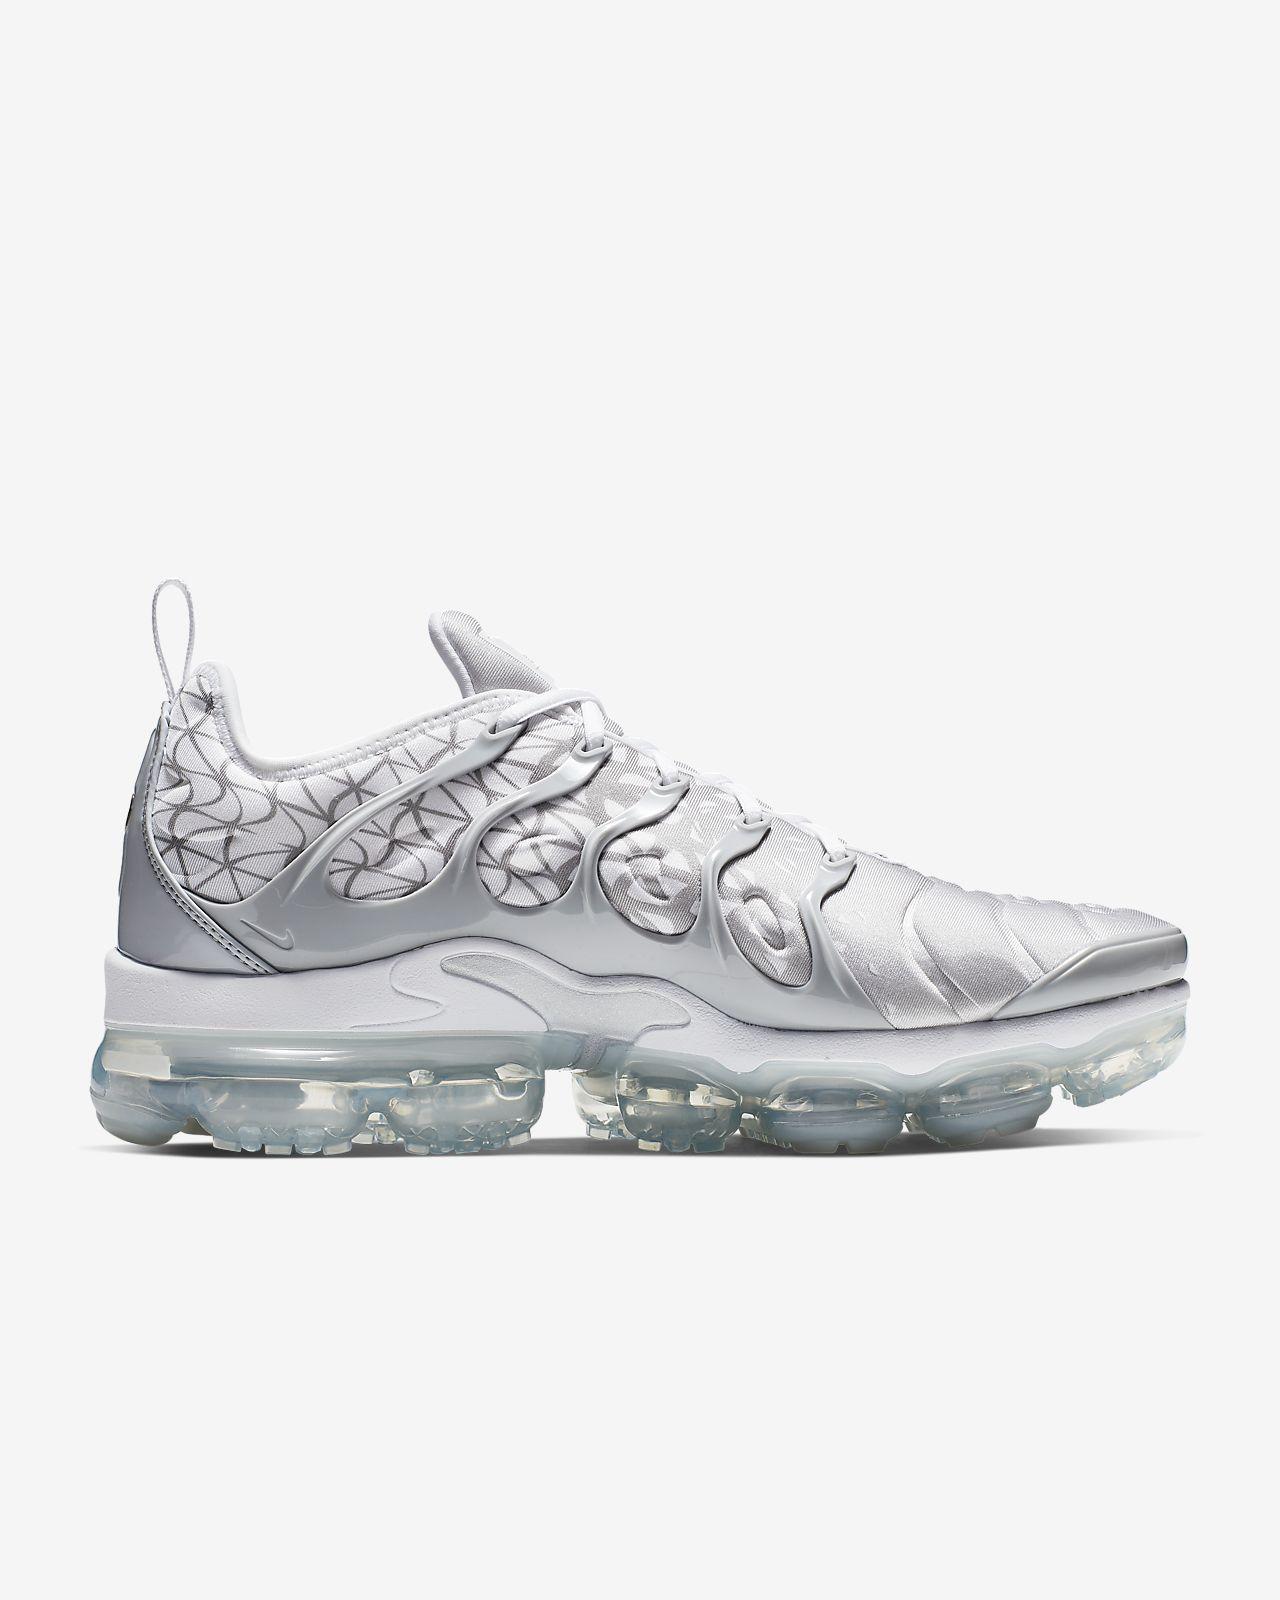 Chaussure Pour Vapormax Plus Air Nike Homme QBoWxedCrE